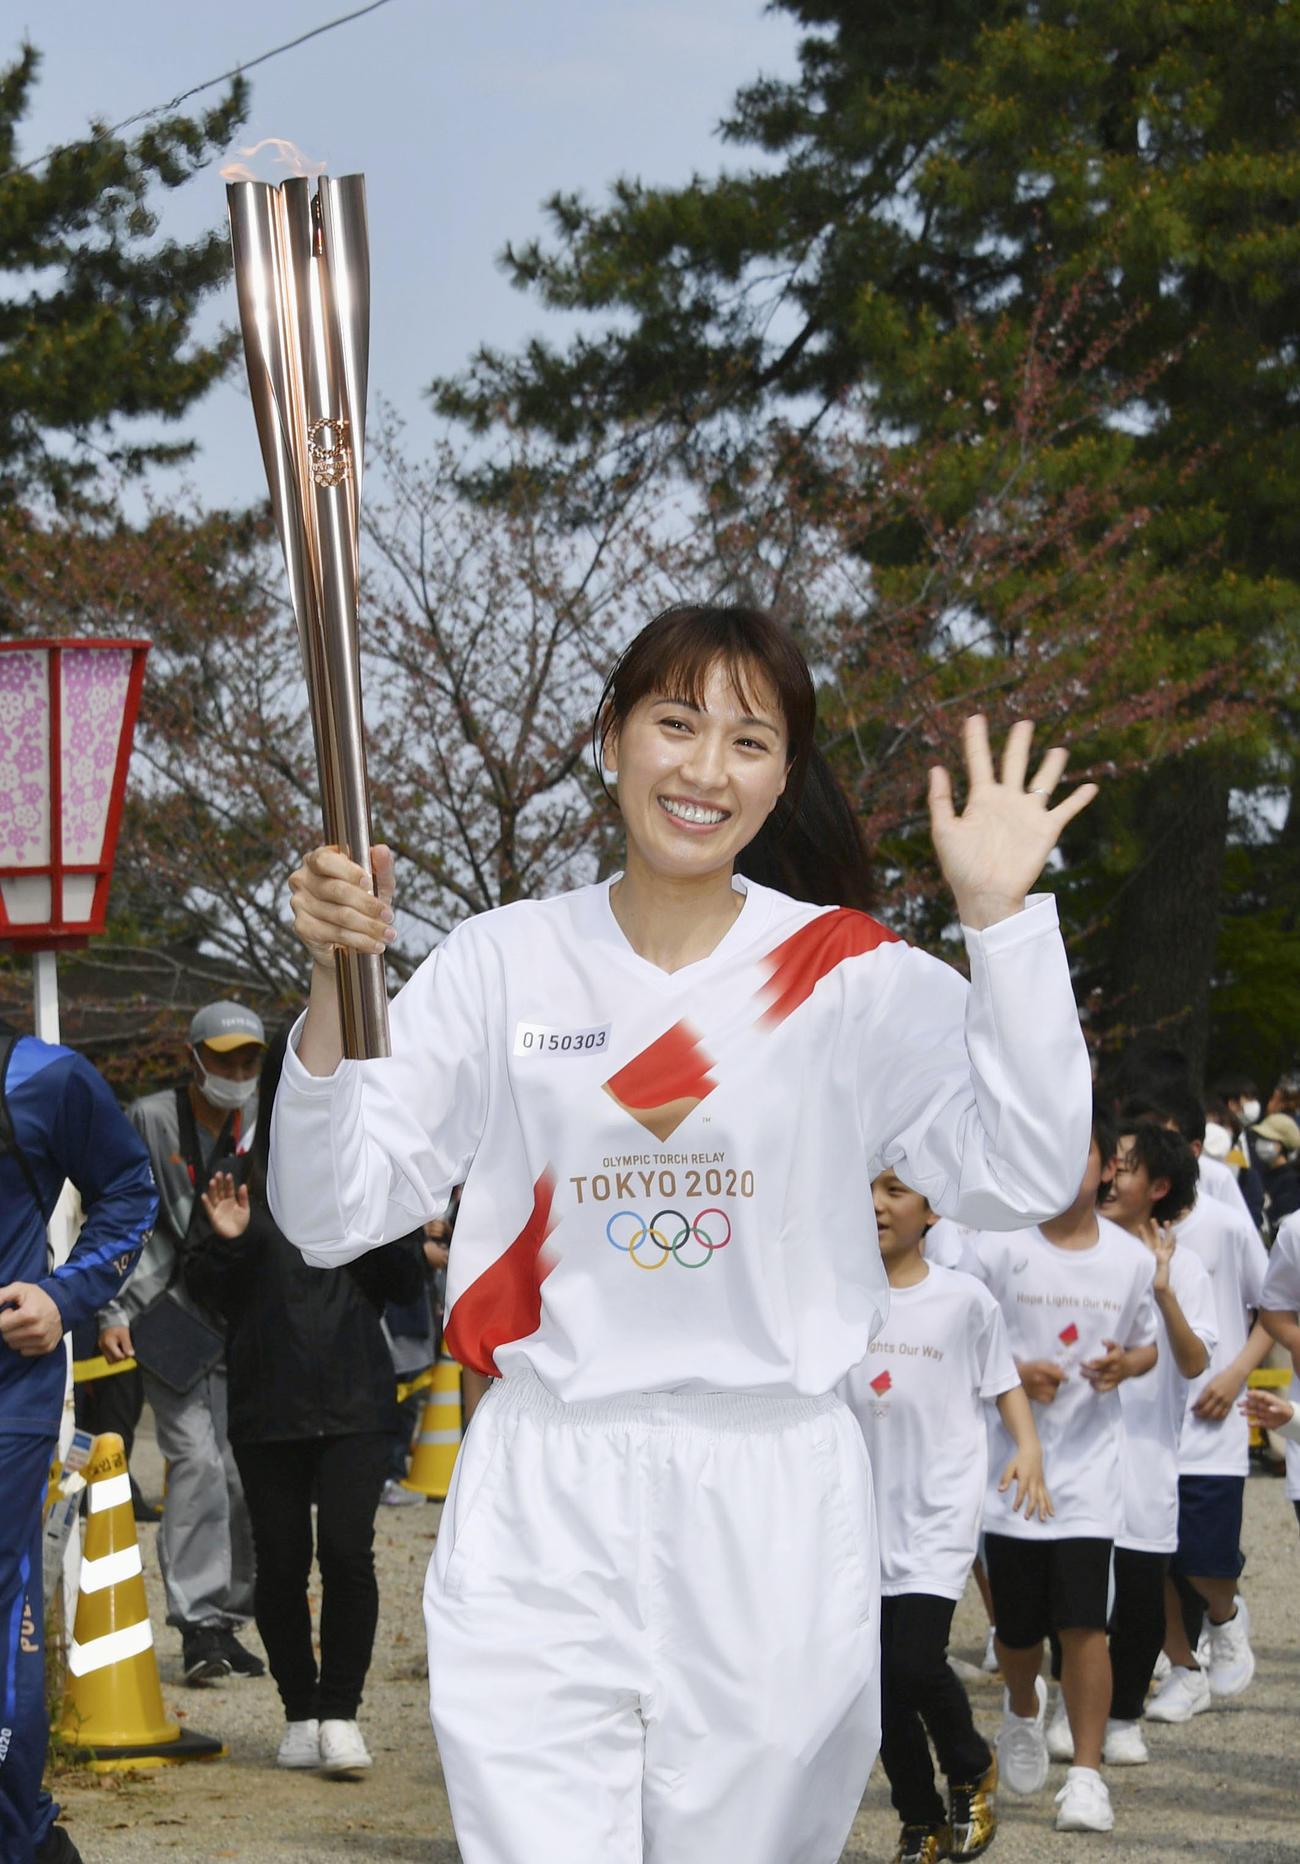 松坂城の石垣周辺を走る聖火ランナーの浅尾美和さん